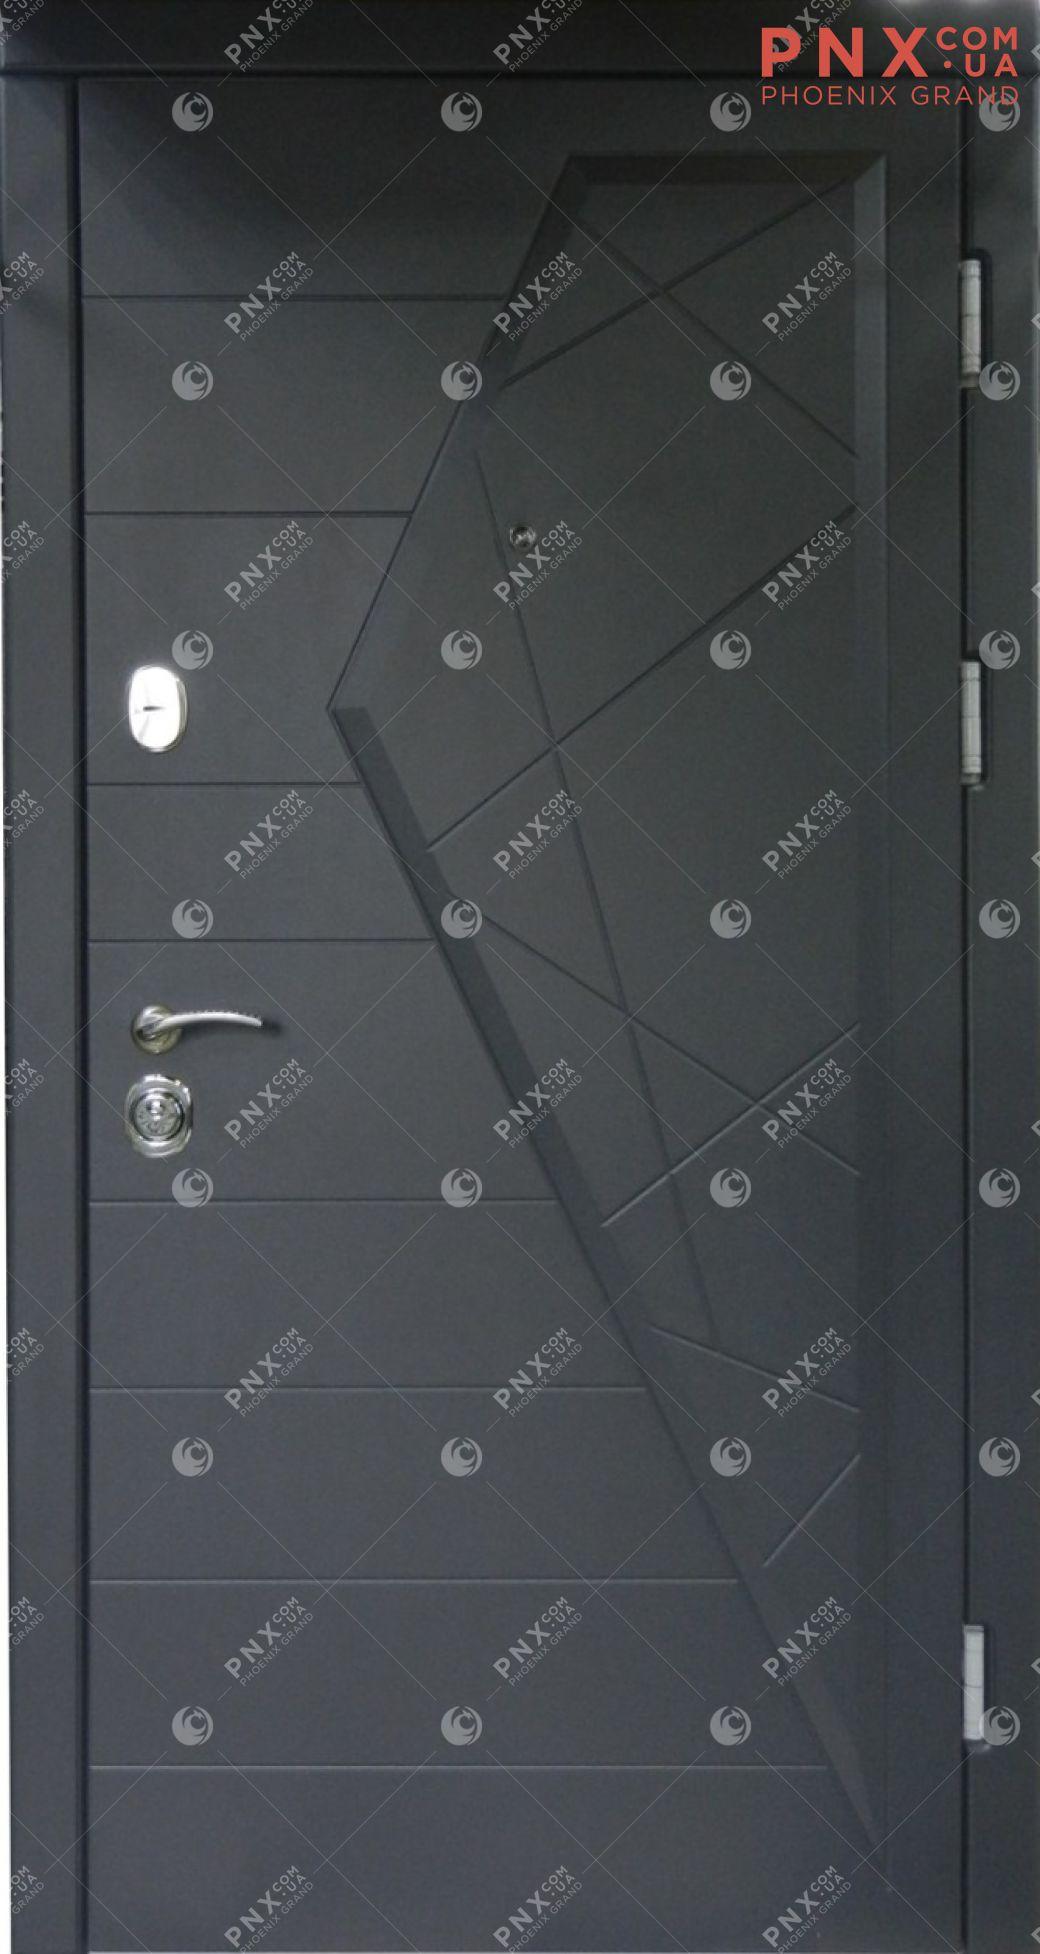 Входная дверь Форт Нокс, Стандарт, Айсберг, мдф/мдф графит/белый мат